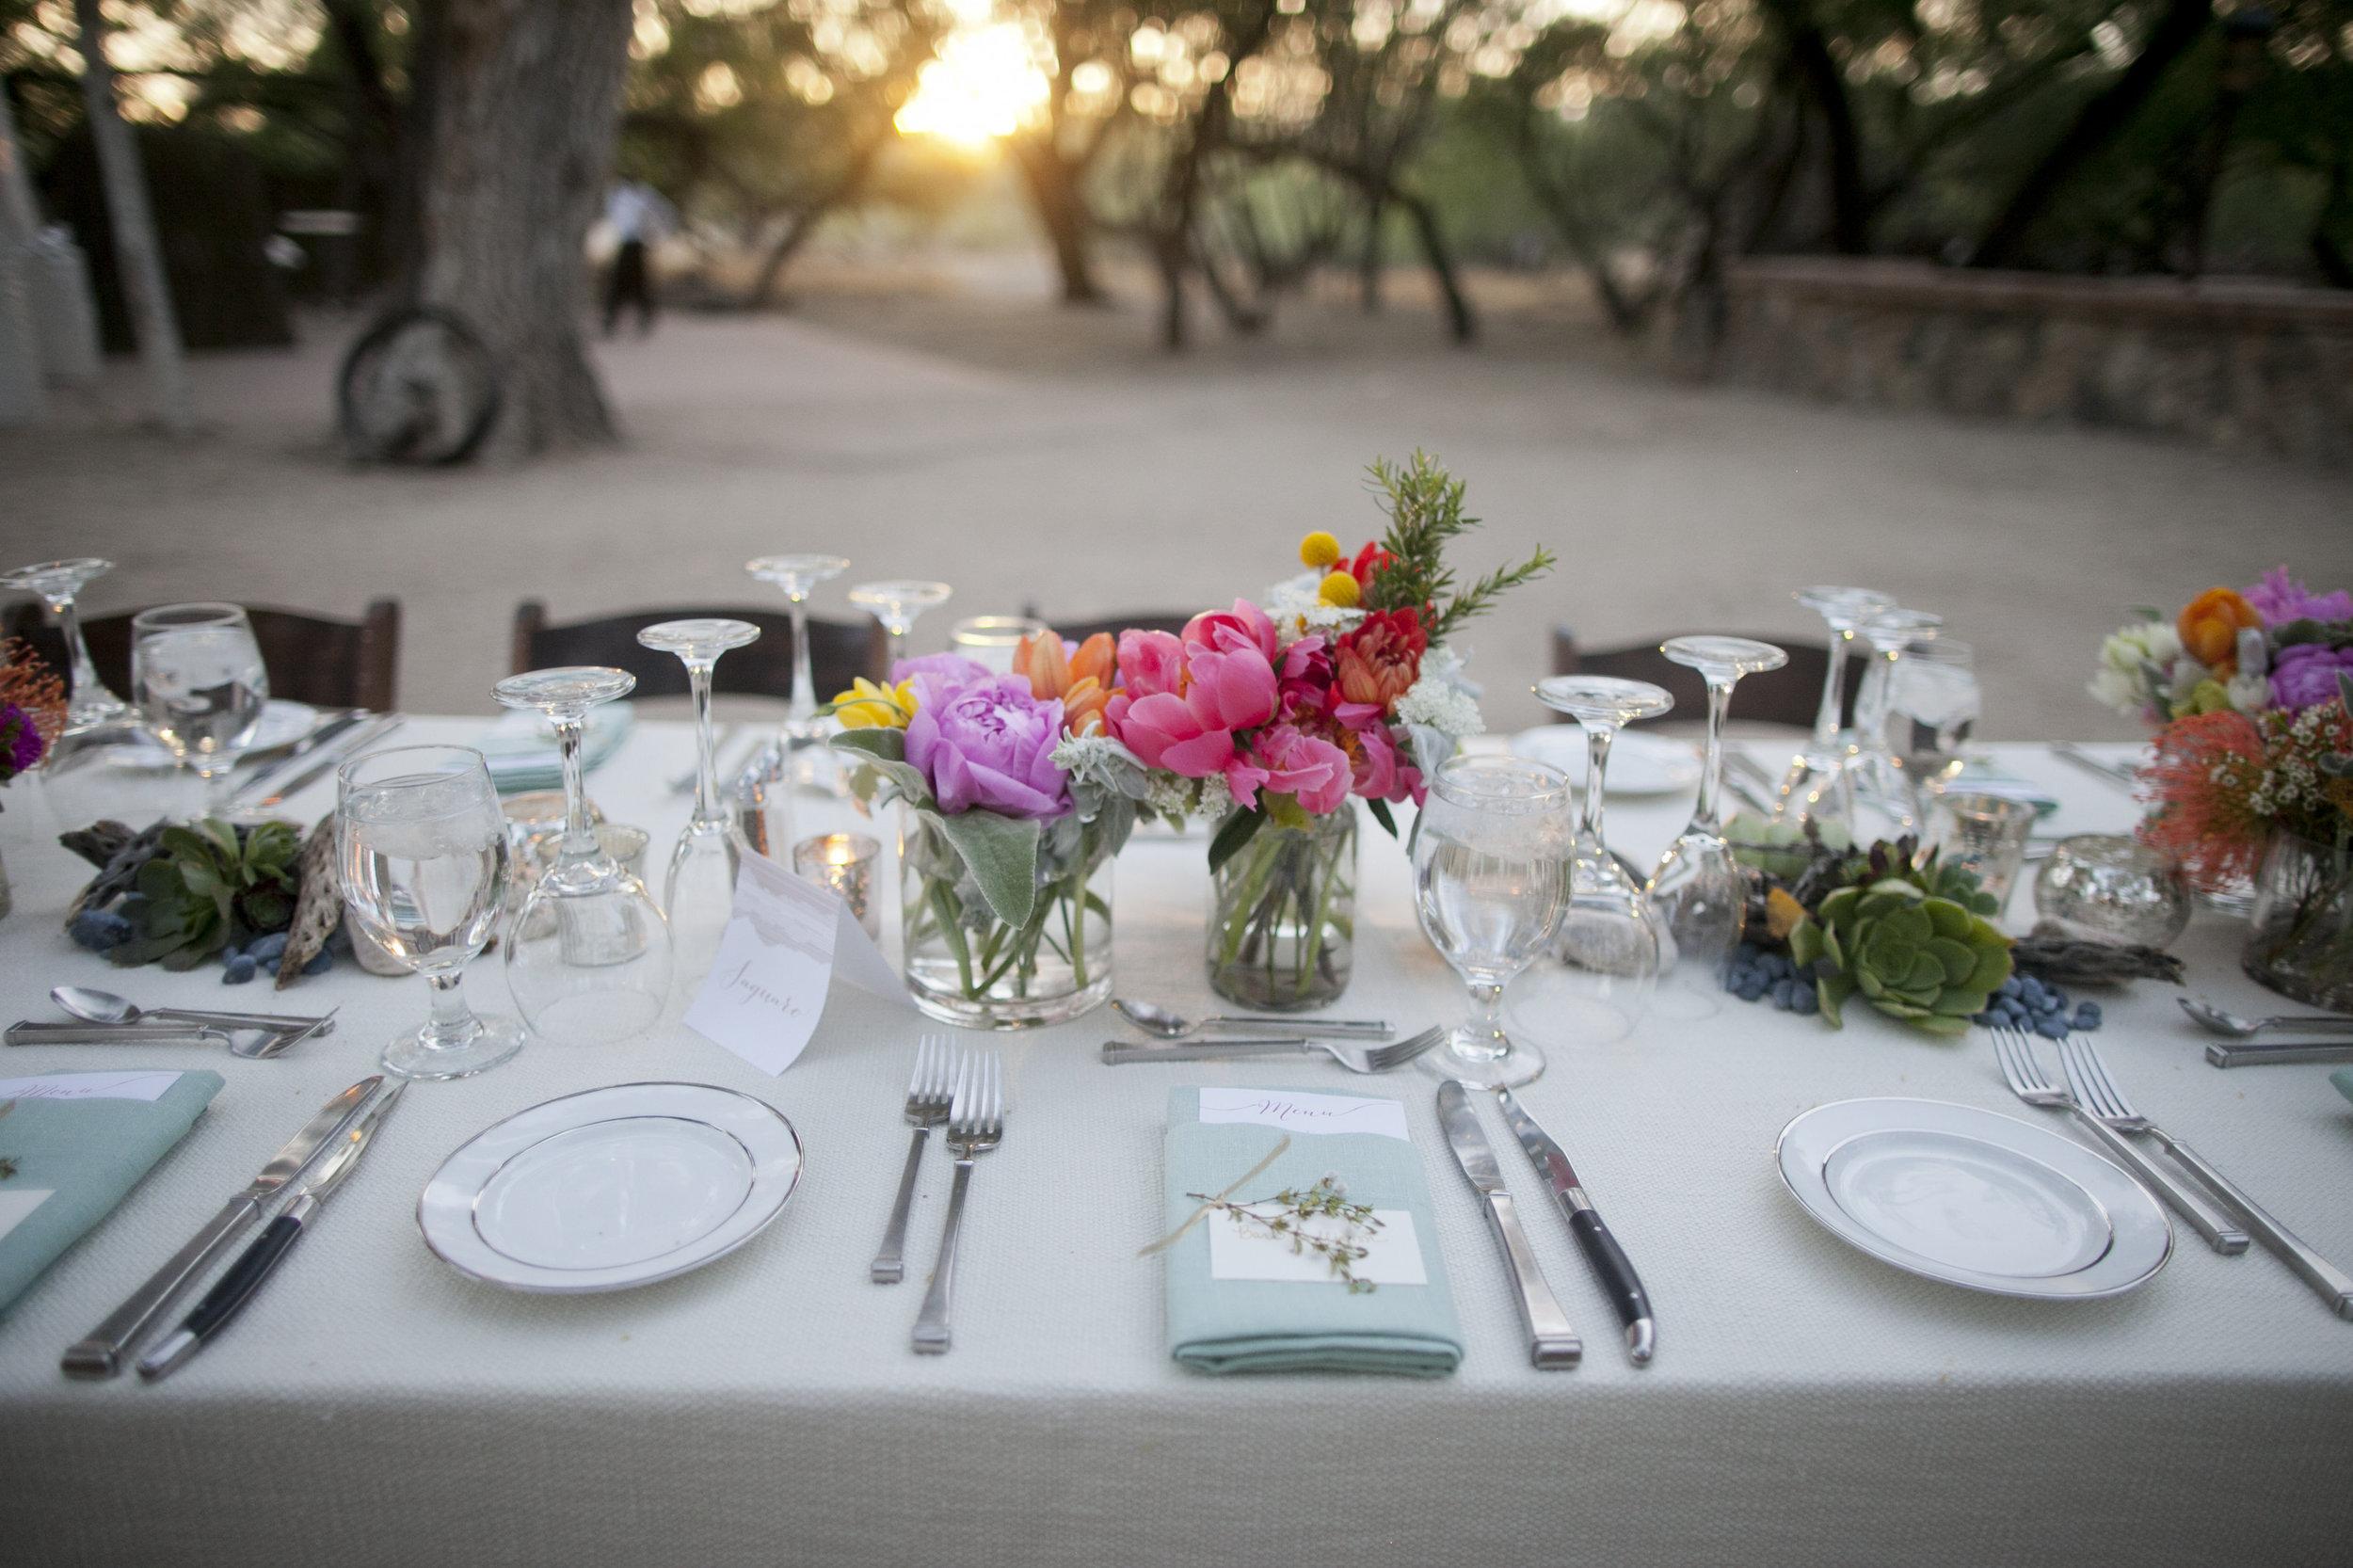 Ceci_New_York_Ceci_Style_Ceci_Johnson_Luxury_Lifestyle_Arizona_Wedding_Watercolor_Inspiration_Design_Custom_Couture_Personalized_Invitations_145.jpg